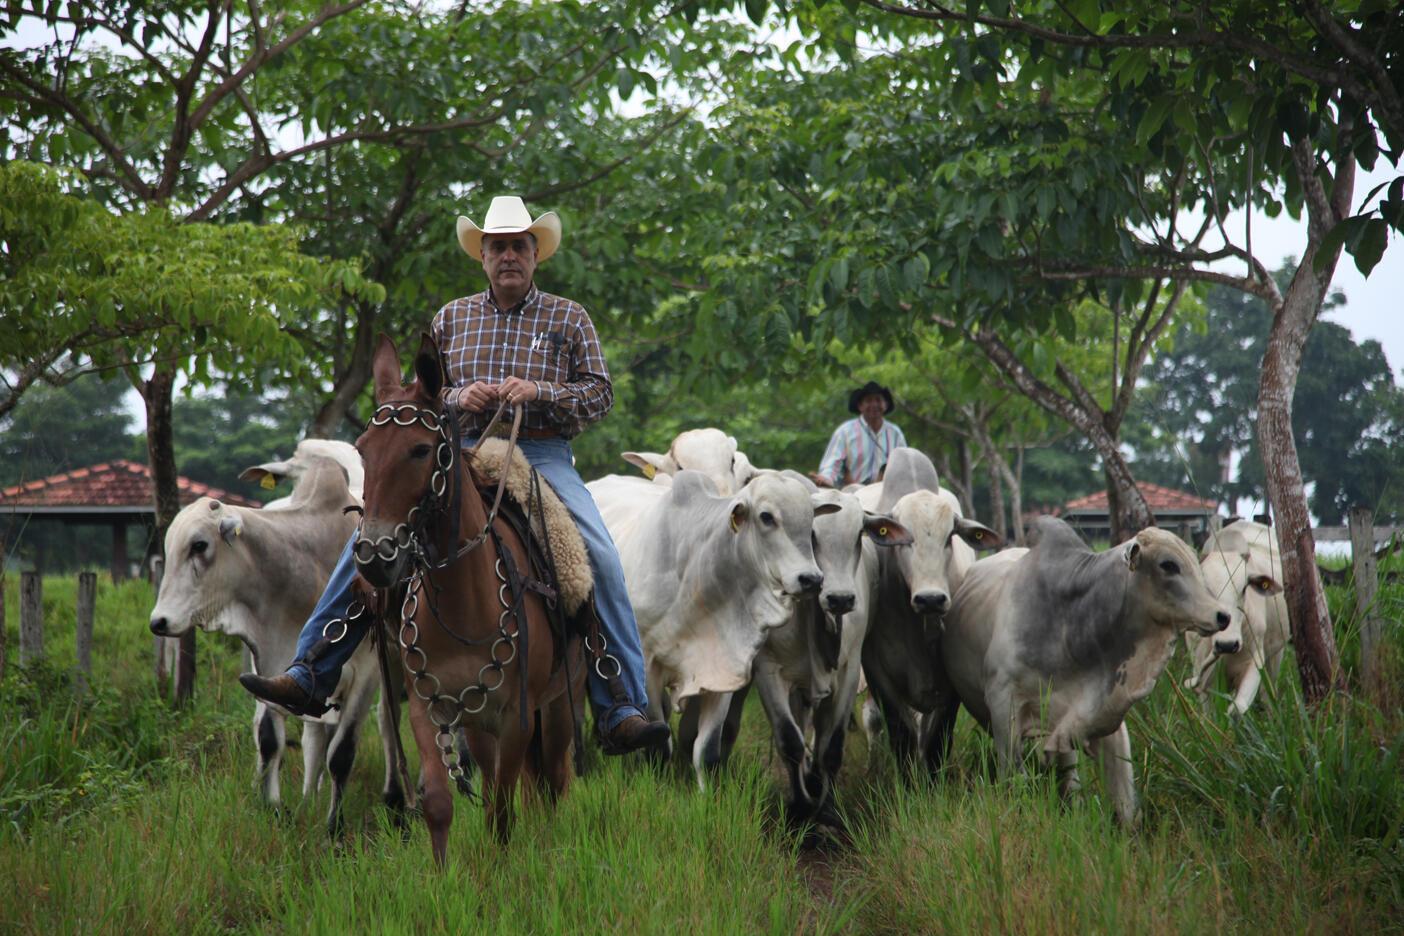 En 3 ans, Mauro Lucio, propriétaire terrien du Paragominas, au nord-est du Brésil, a réussi à se mettre en conformité avec la loi. Il trouve l'amnistie que prévoit le code forestier « frustrante », car il veut « que ce code soit appliqué et respecté ».